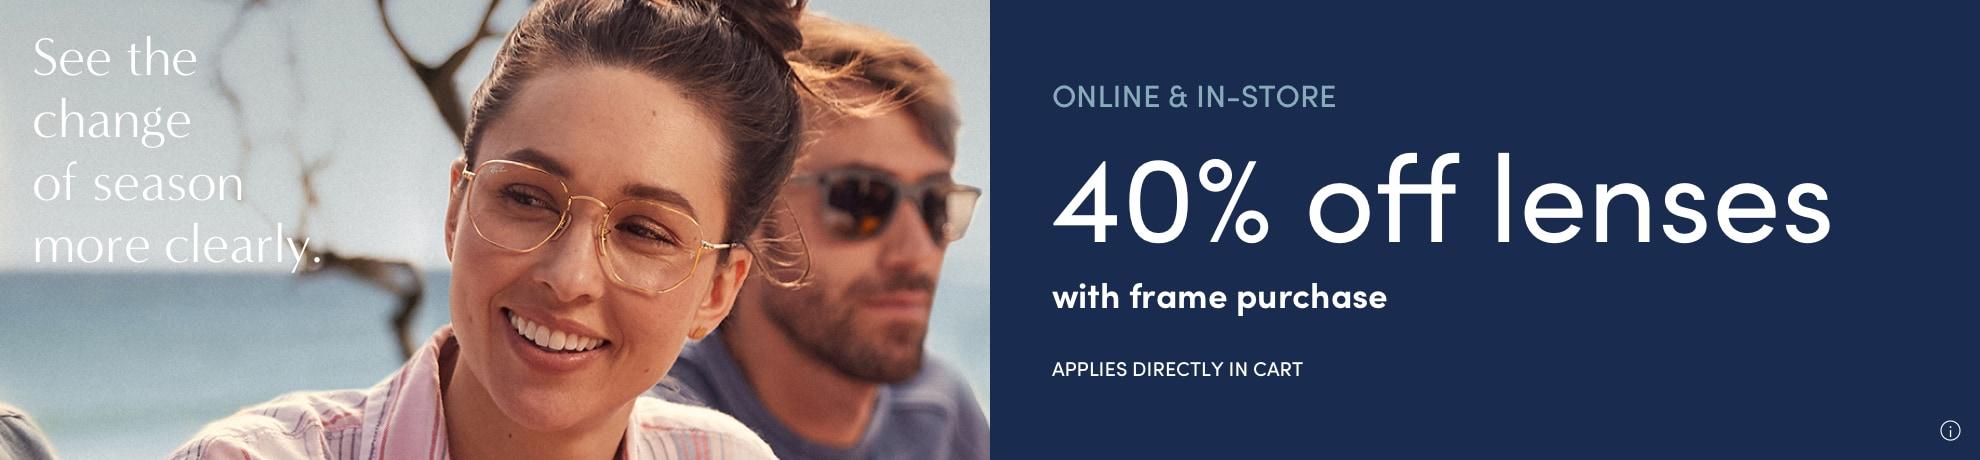 40% off lenses banner